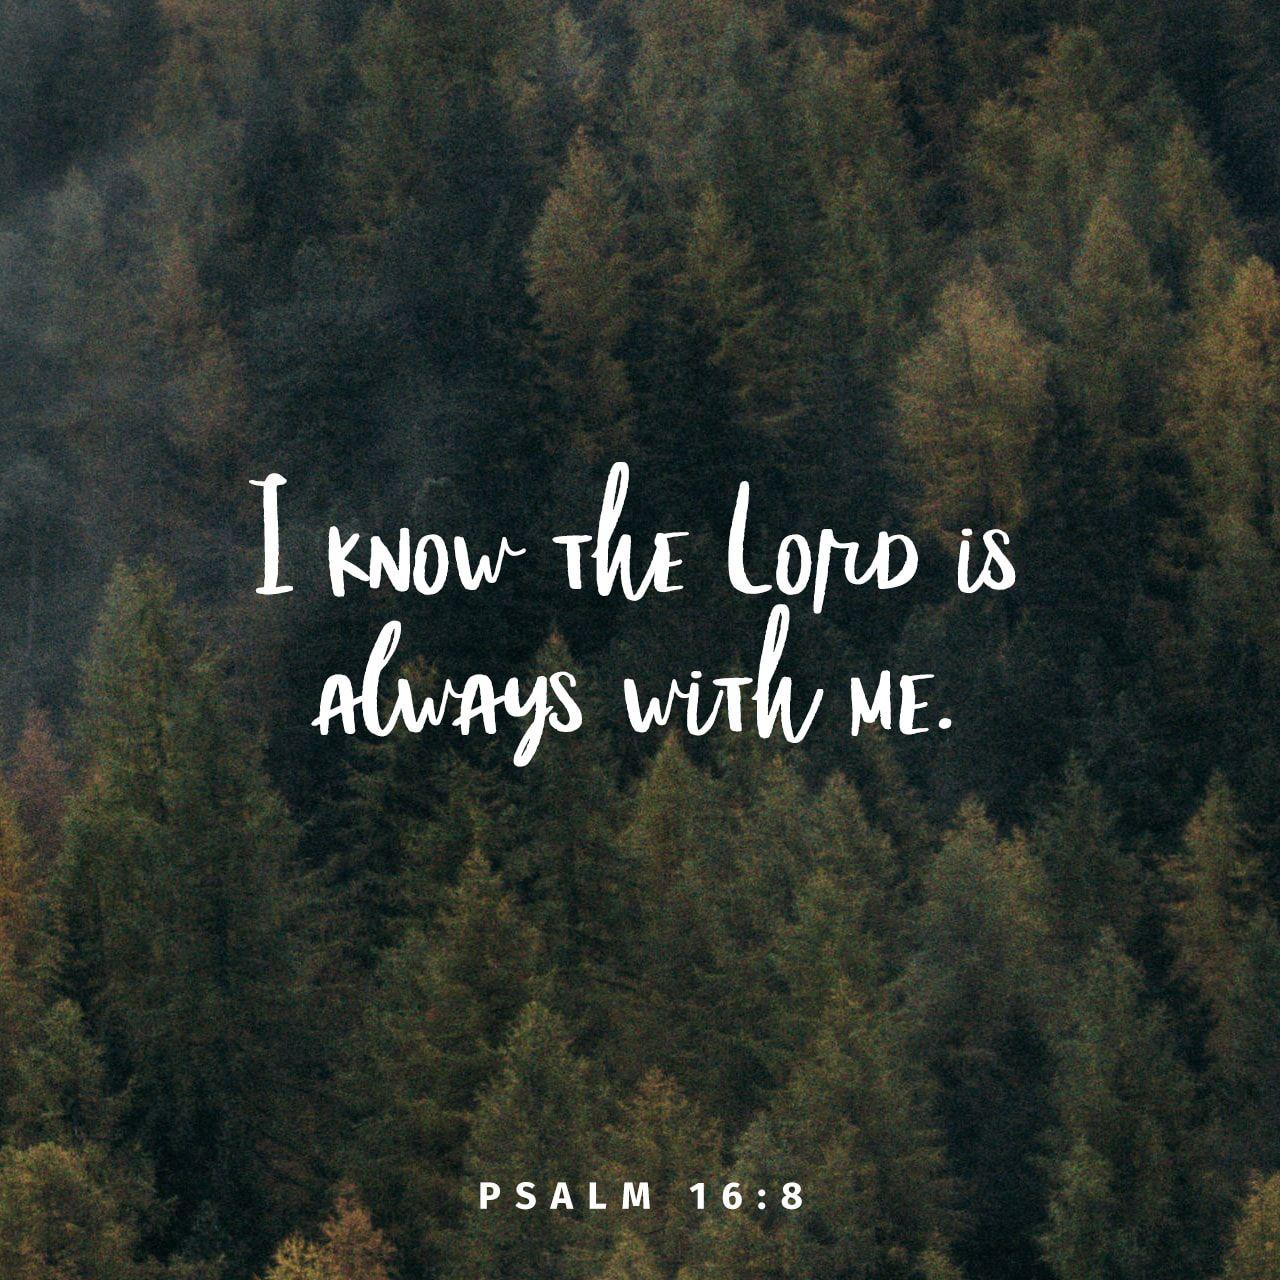 Psalms 16 8 Inspirational Image: Bible Quotes, Bible Verses